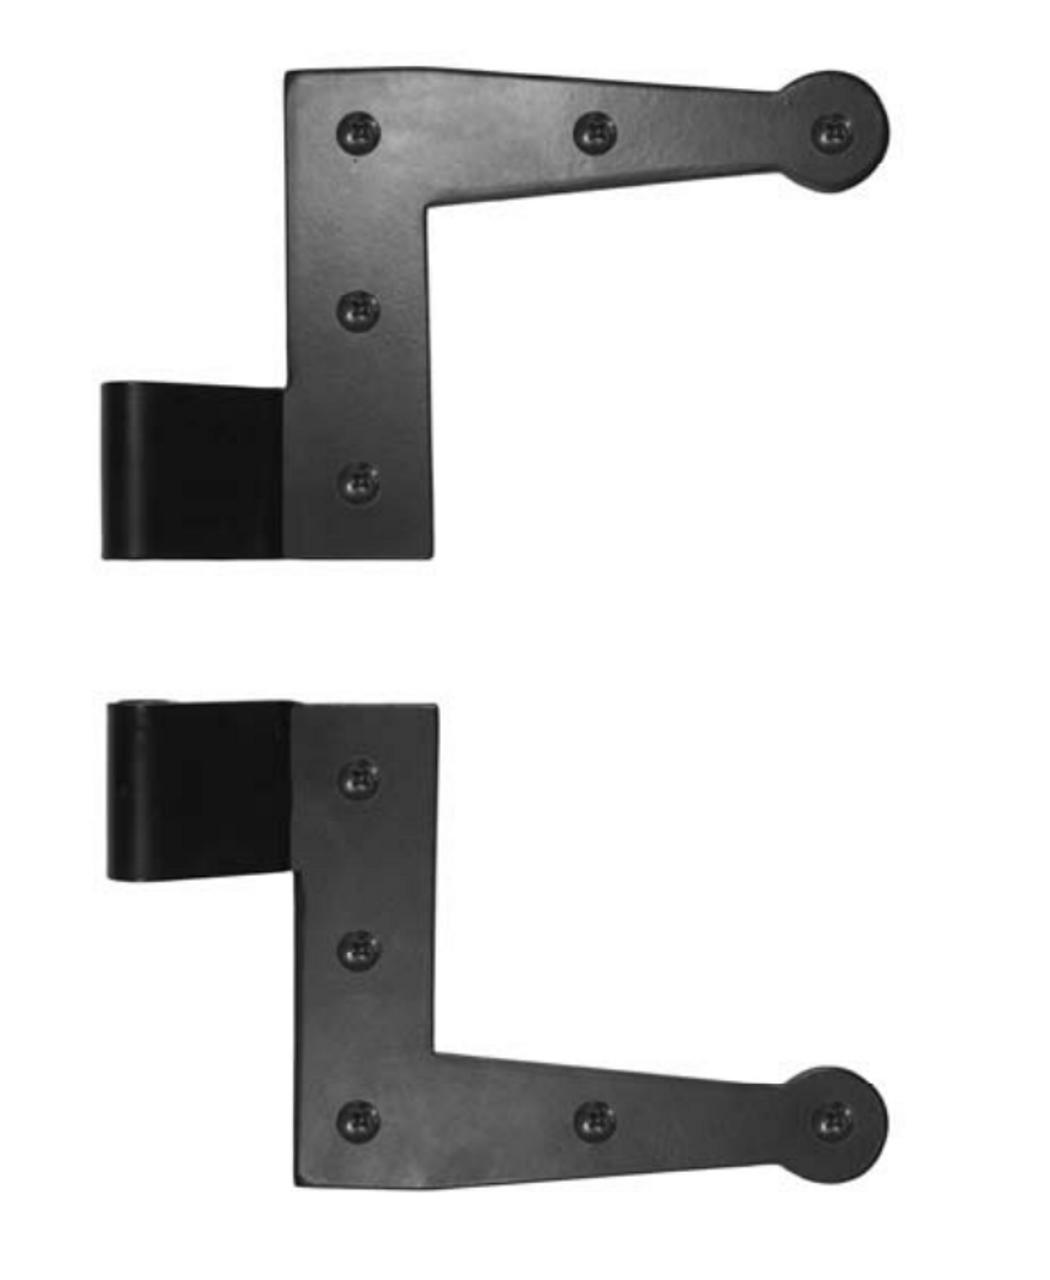 Suffolk Style L Hinge 1 3 4 Offset Galvanized Steel